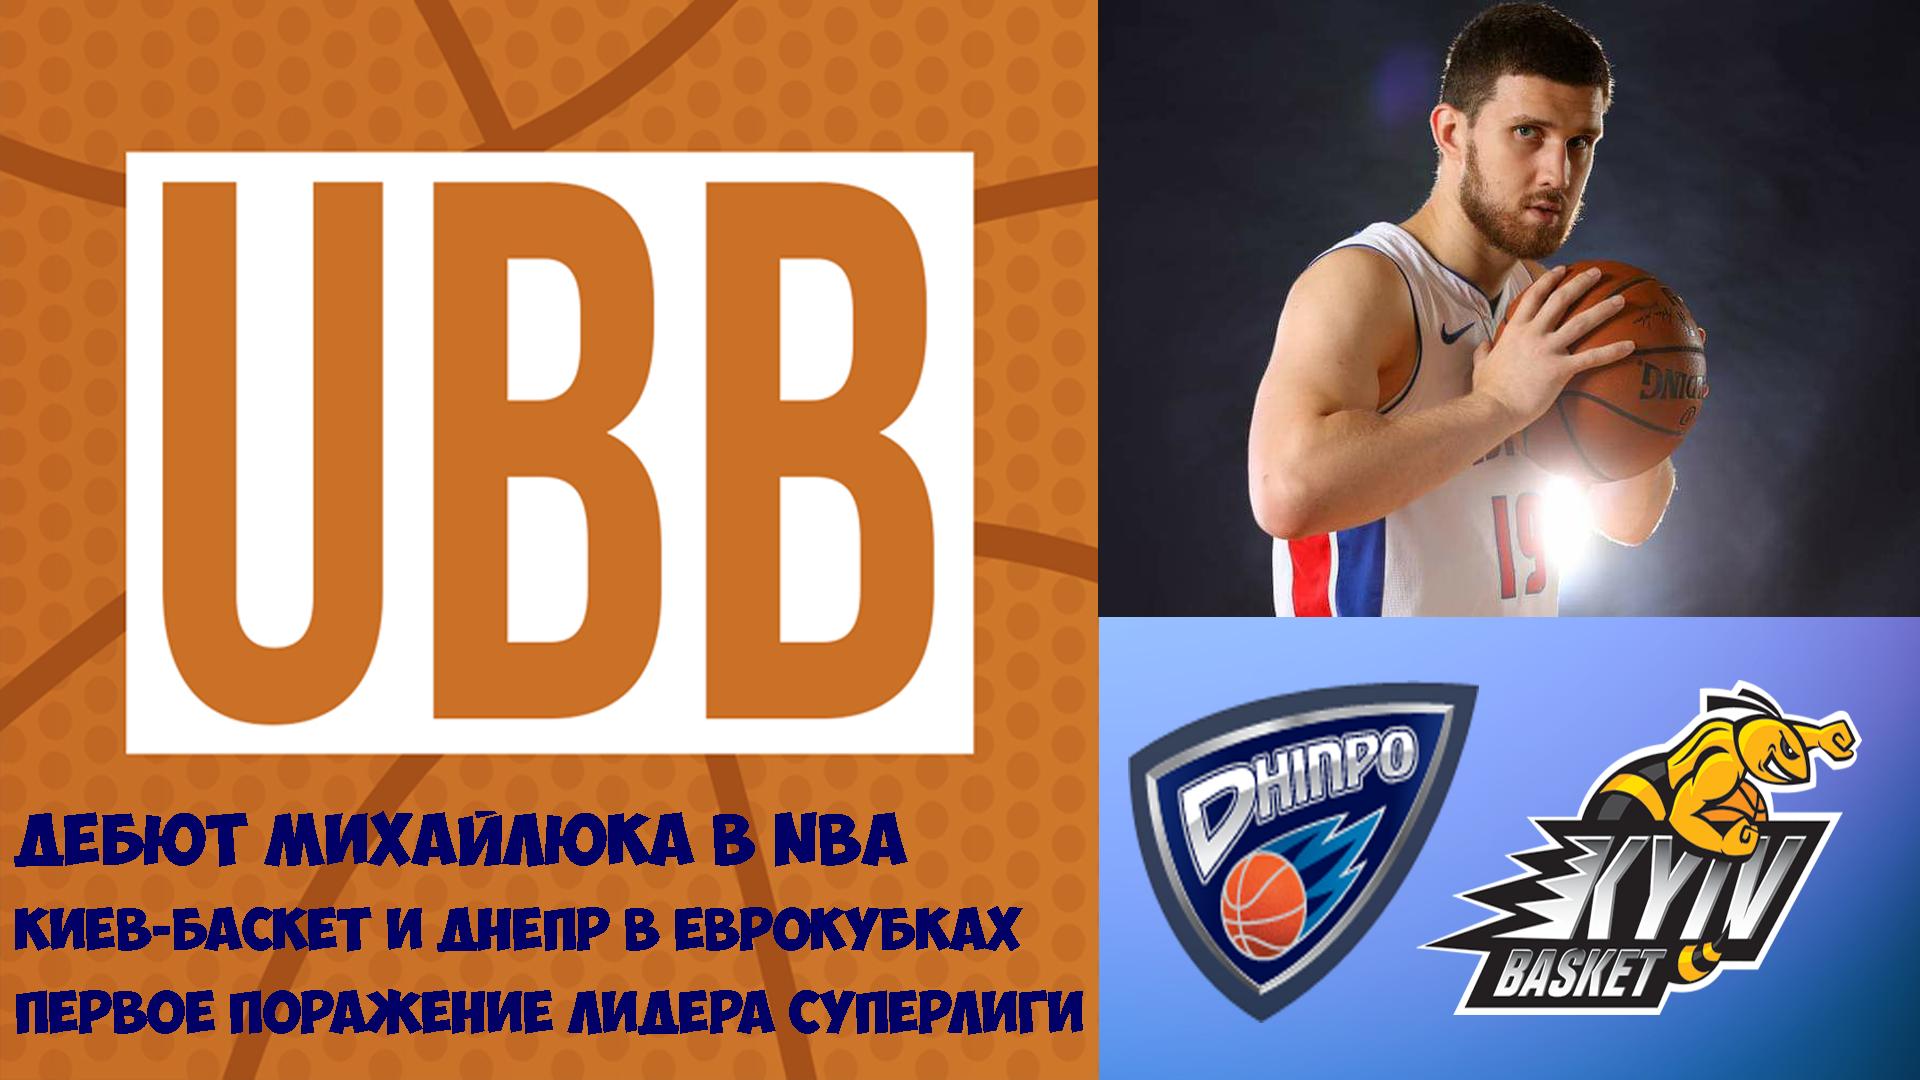 Эффектный первый матч Михайлюка в сезоне NBA,  приключения Киев-Баскета и Днепра в Кубке Европы FIBA, первое поражение лидера Суперлиги